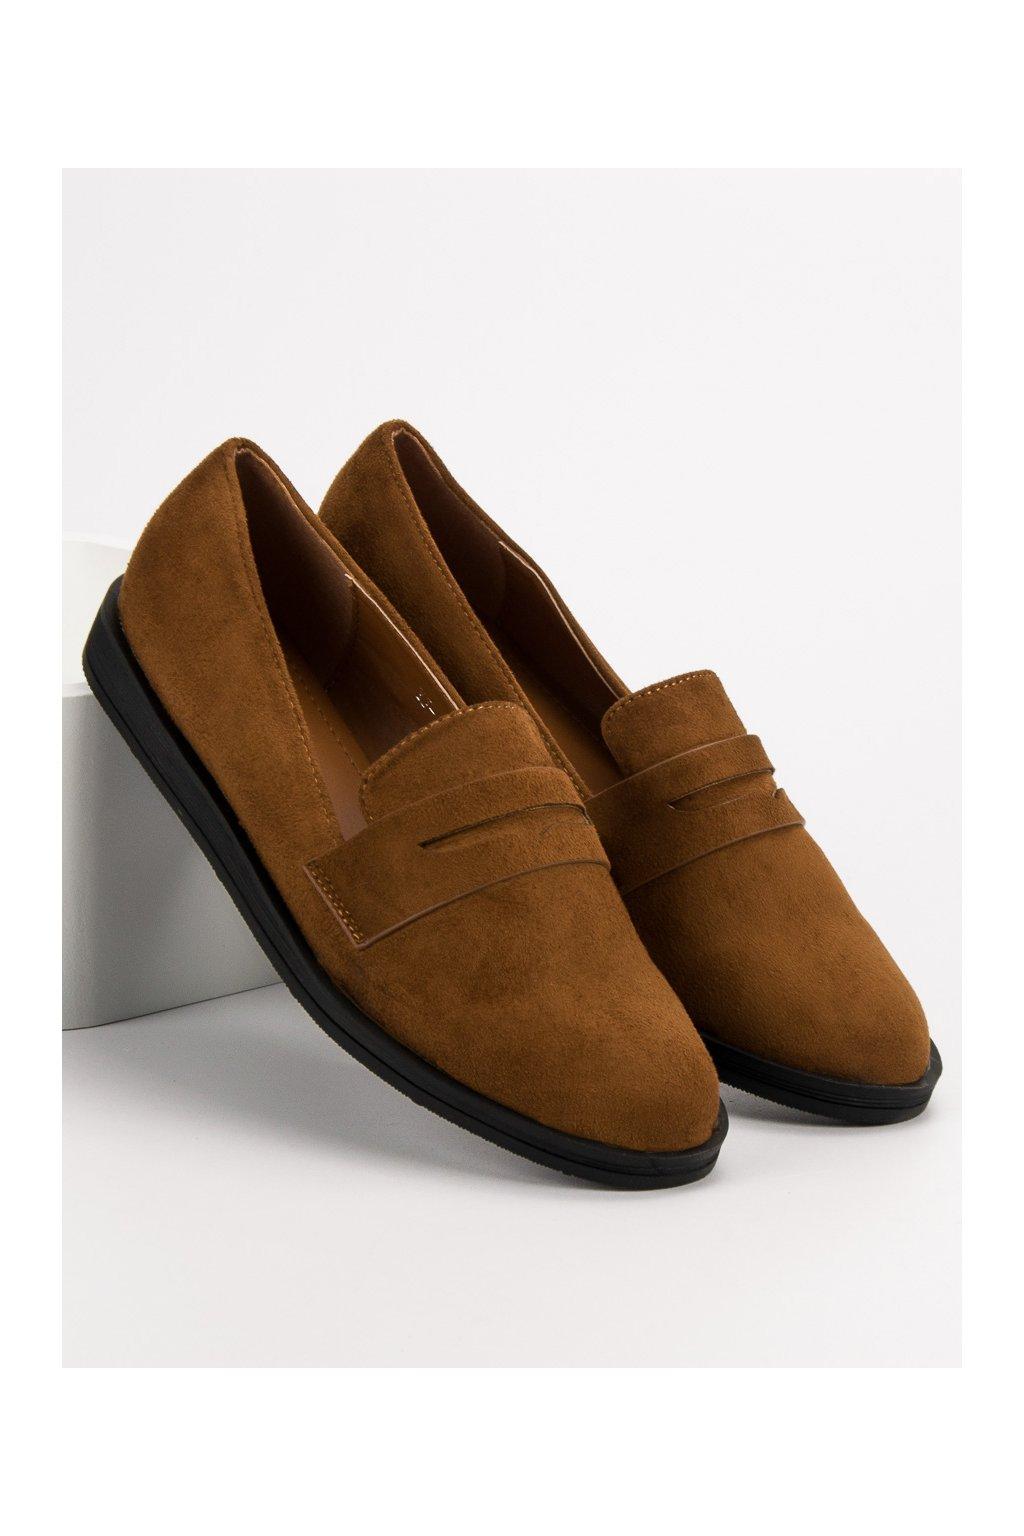 Hnedé mokasíny - Best shoes YJ-1K248C